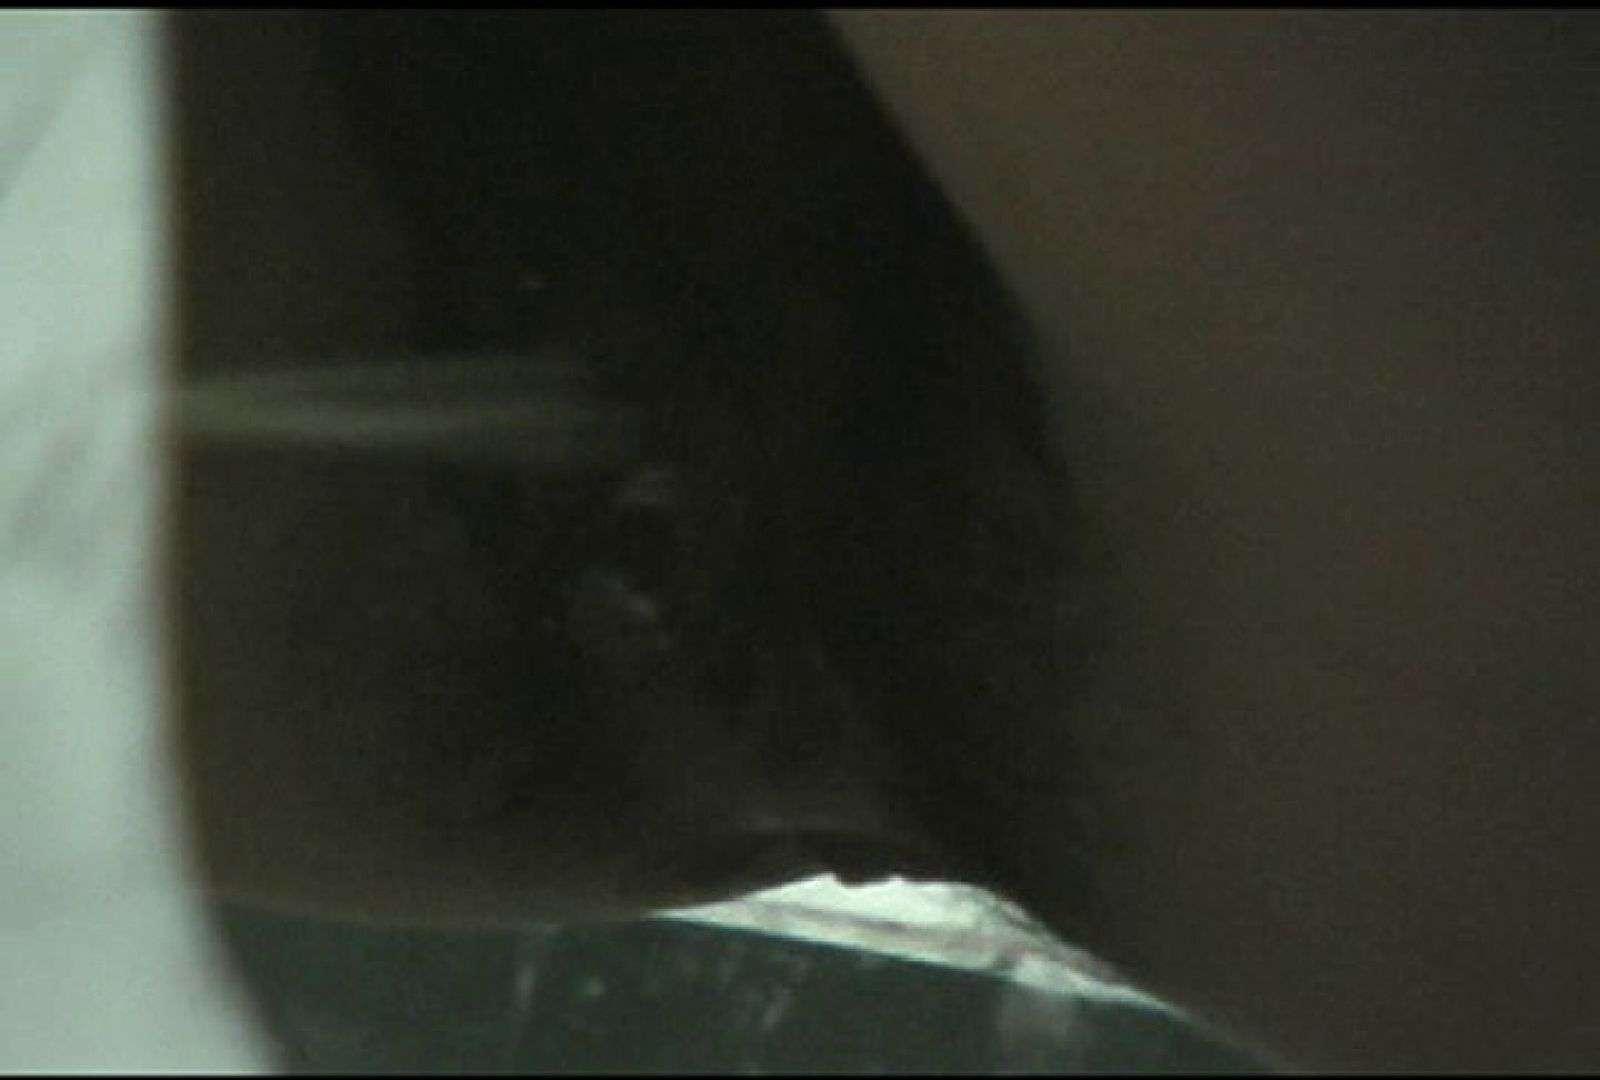 マンコ丸見え女子洗面所Vol.52 エロティックなOL | 高画質モード  63画像 61